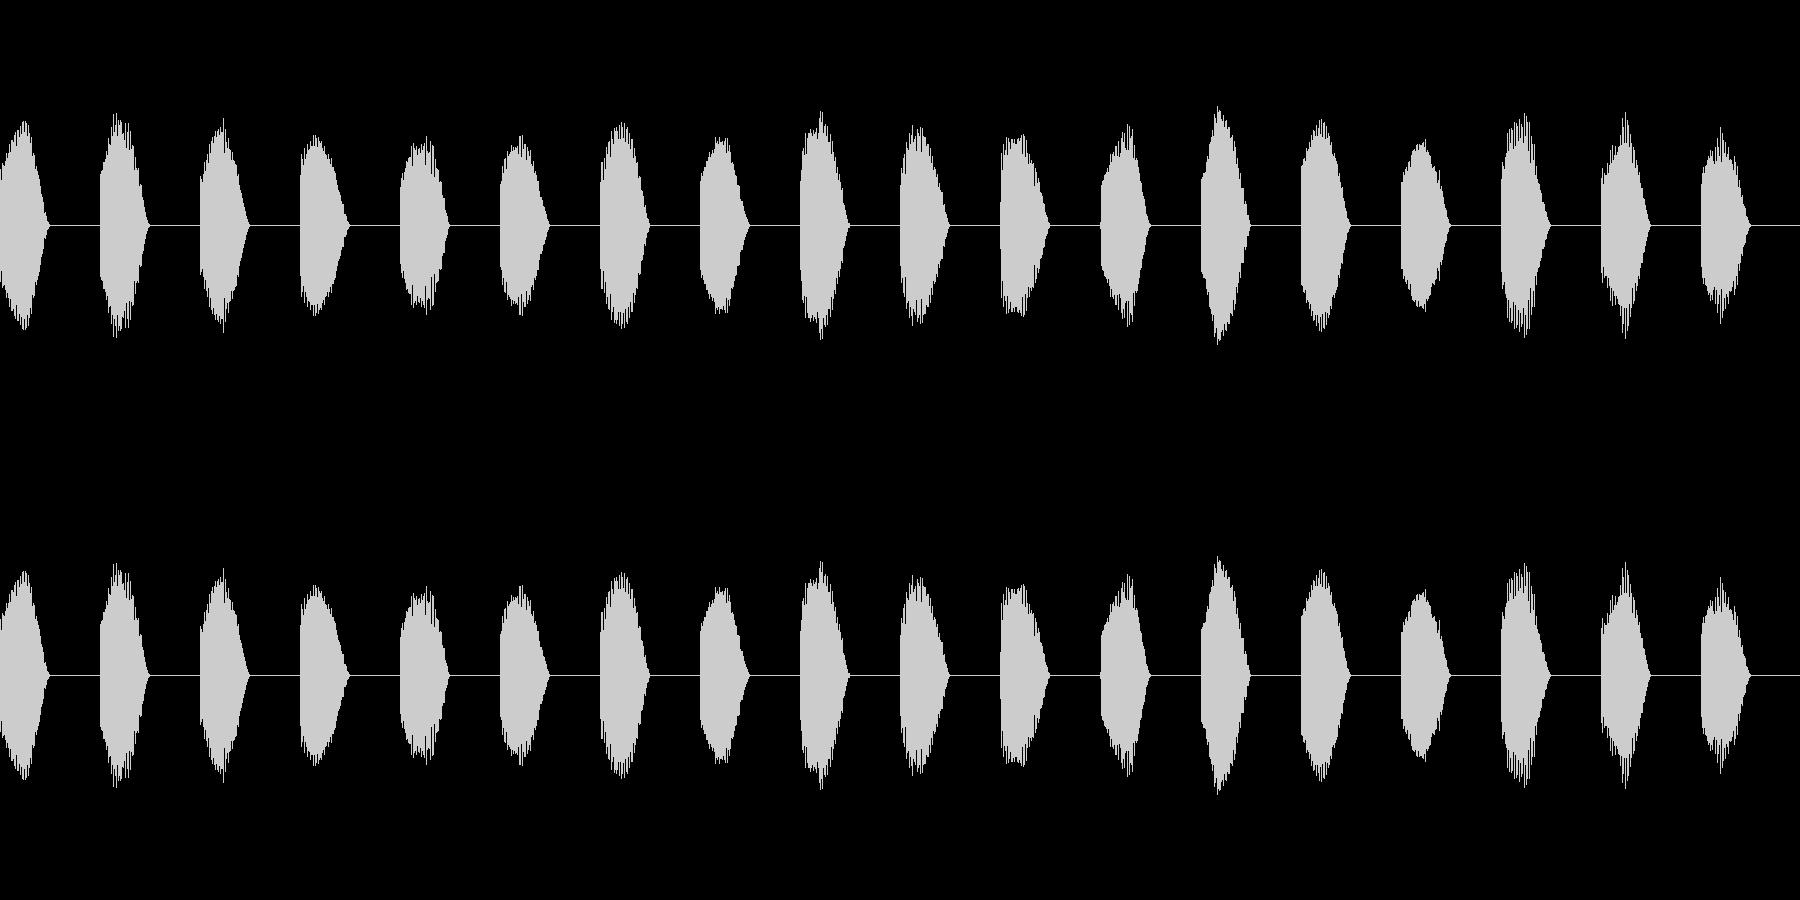 ※危険ブザー「ビー(連続)」不快音18回の未再生の波形